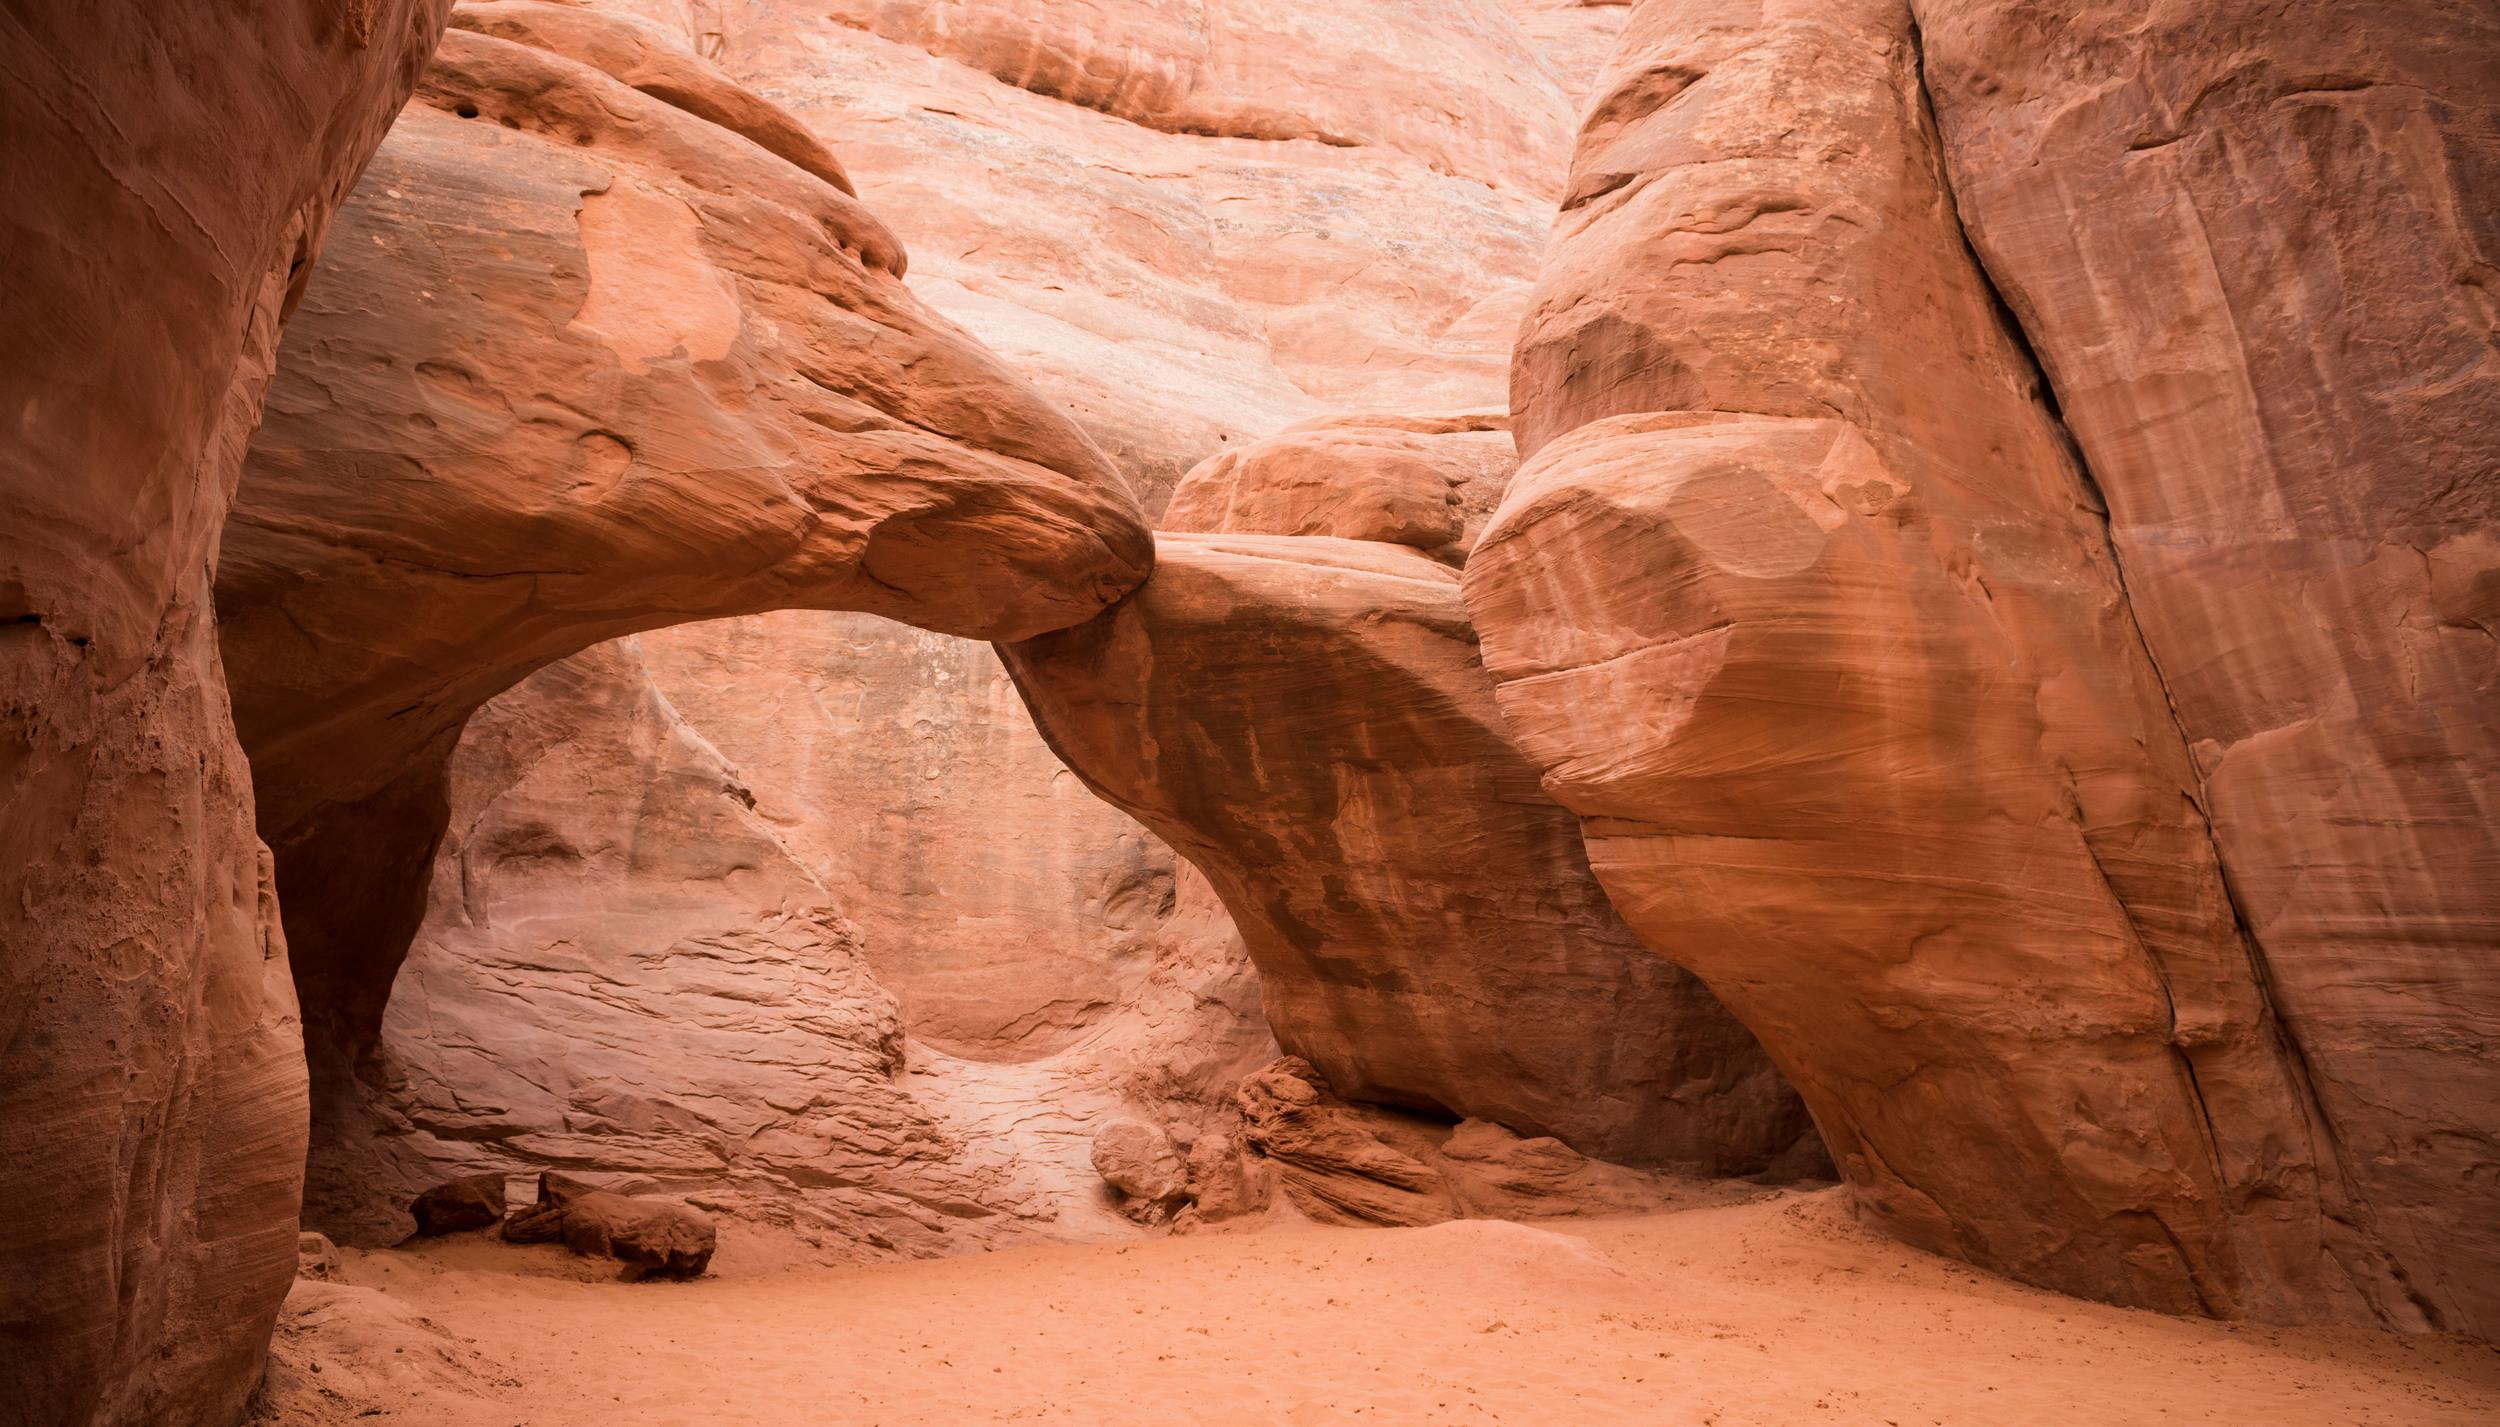 sand-dune-arch-utah